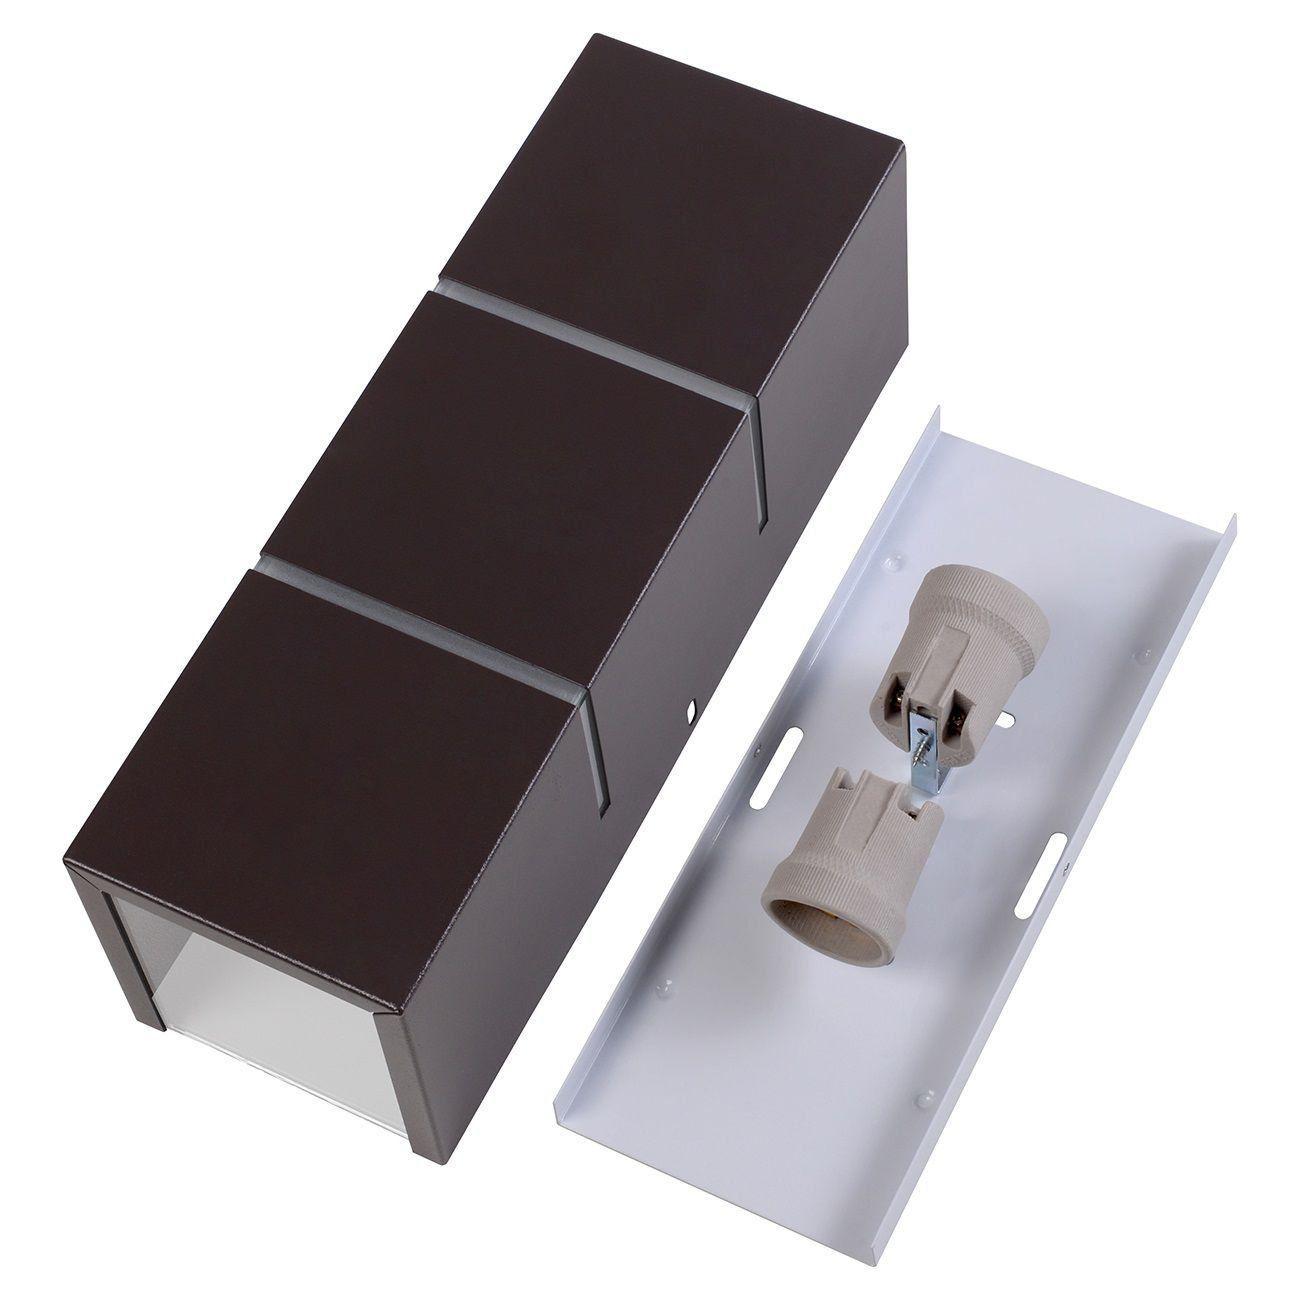 Arandela Retangular 2 Frisos Externa Interna Muro Parede Alumínio Marrom - Rei da Iluminação